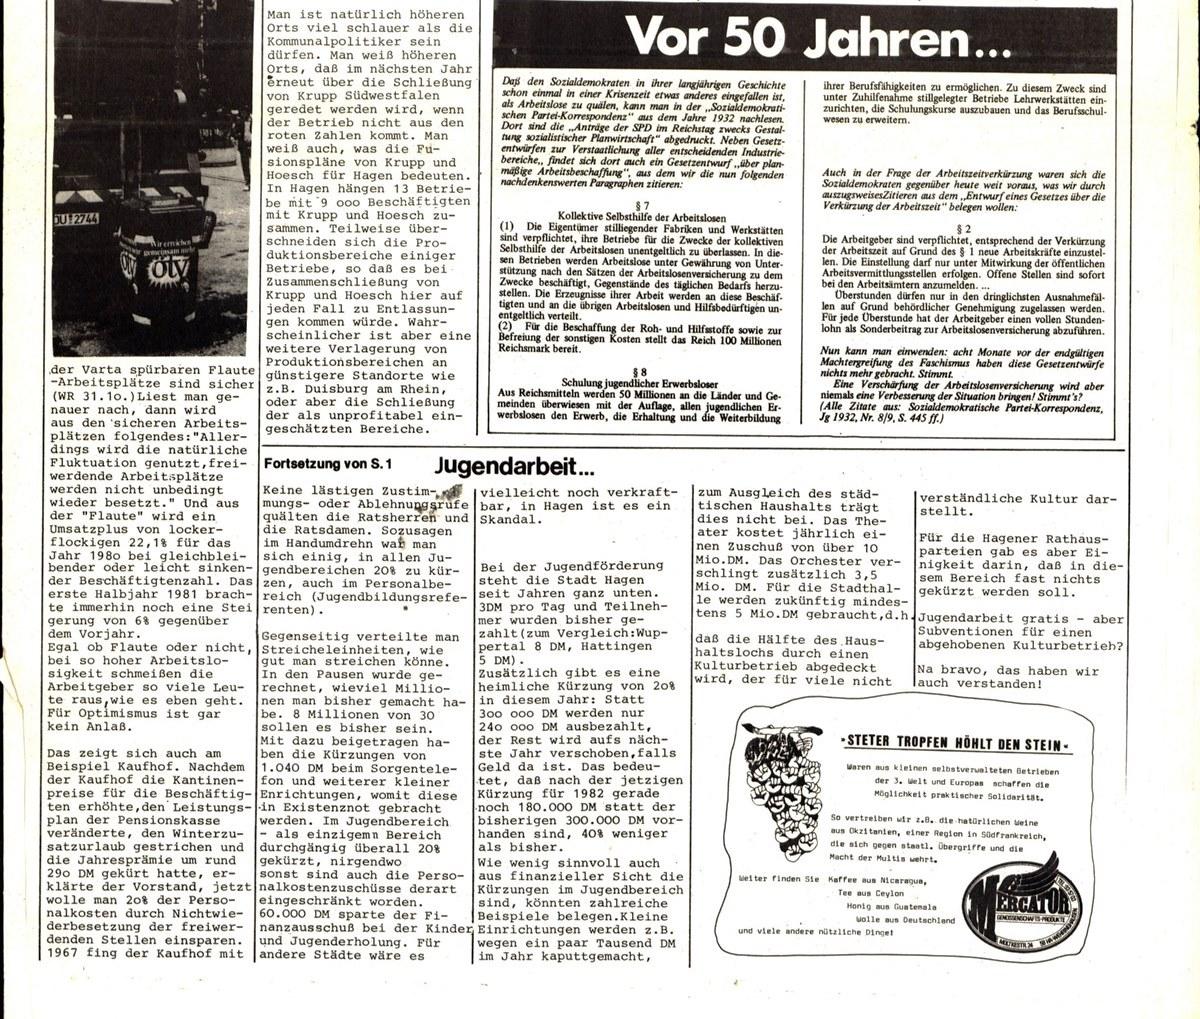 Hagen_Volksblatt_19820100_18